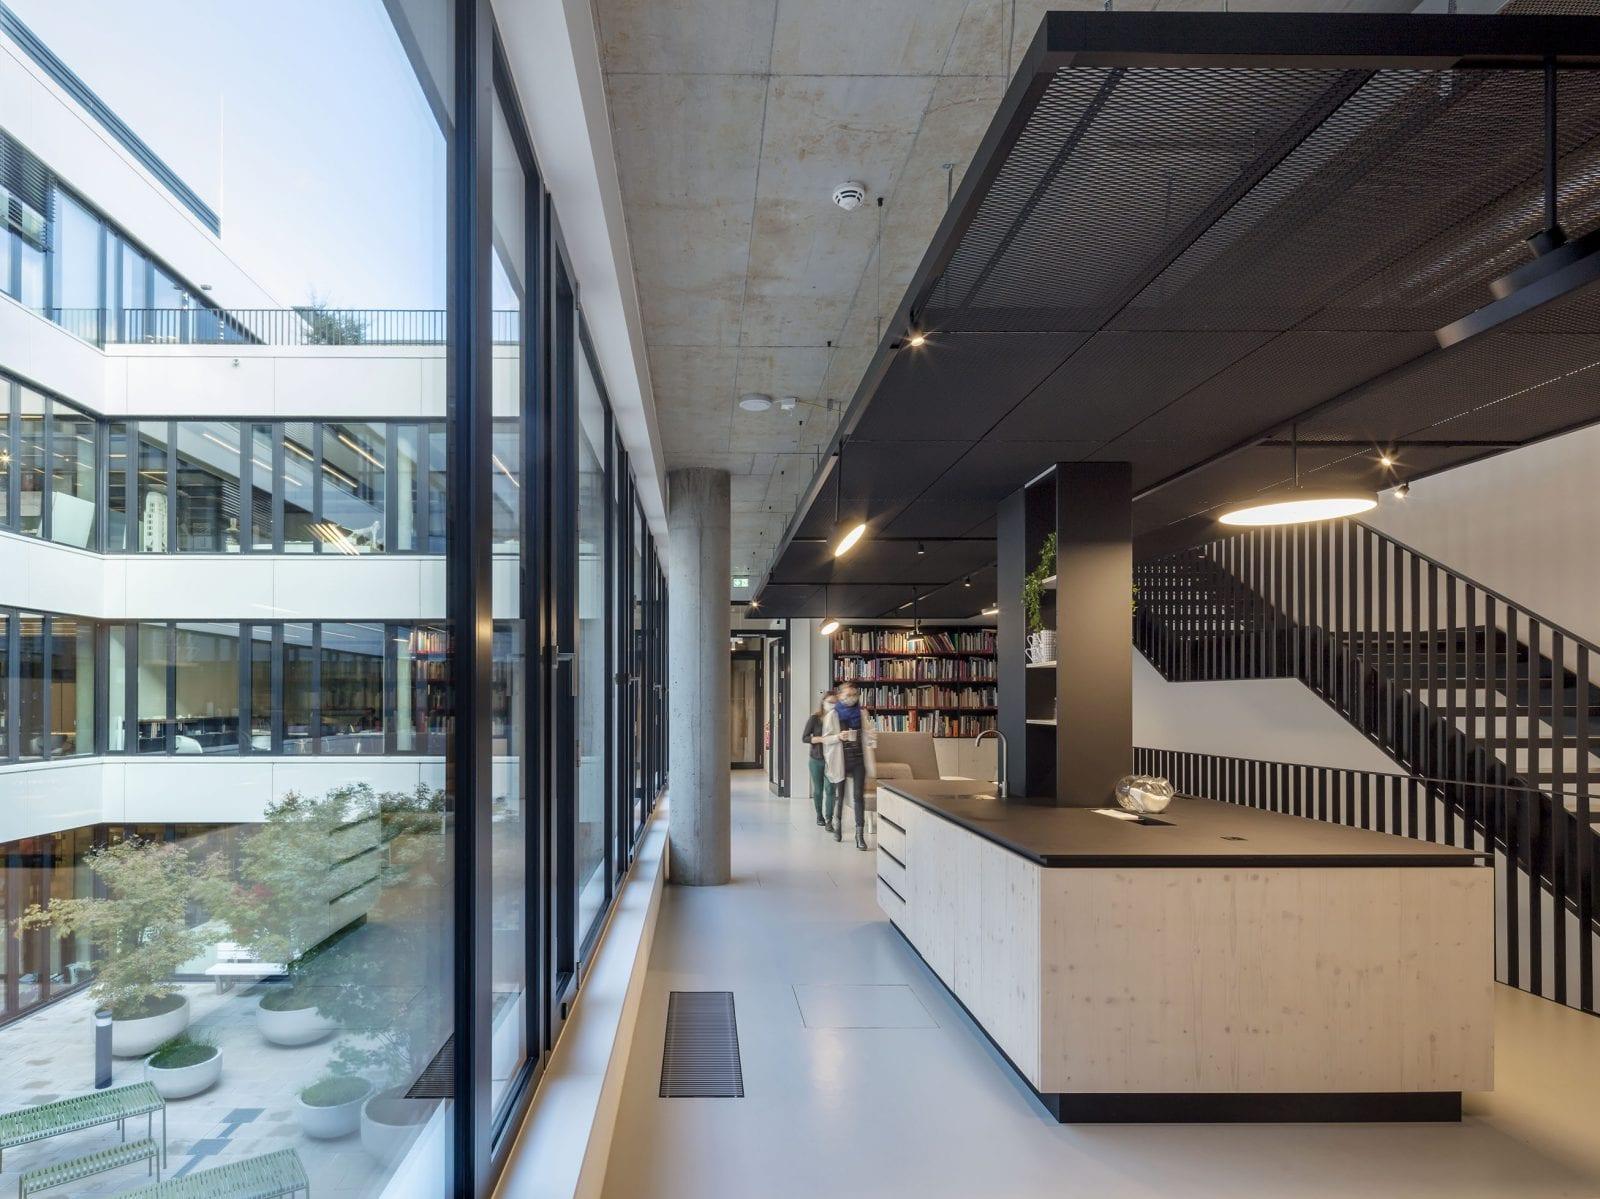 Offene Bereiche entlang der Treppenläufe als Orte der Begegnung und des Austauschs (HPP Architekten / Foto: Ralph Richter)